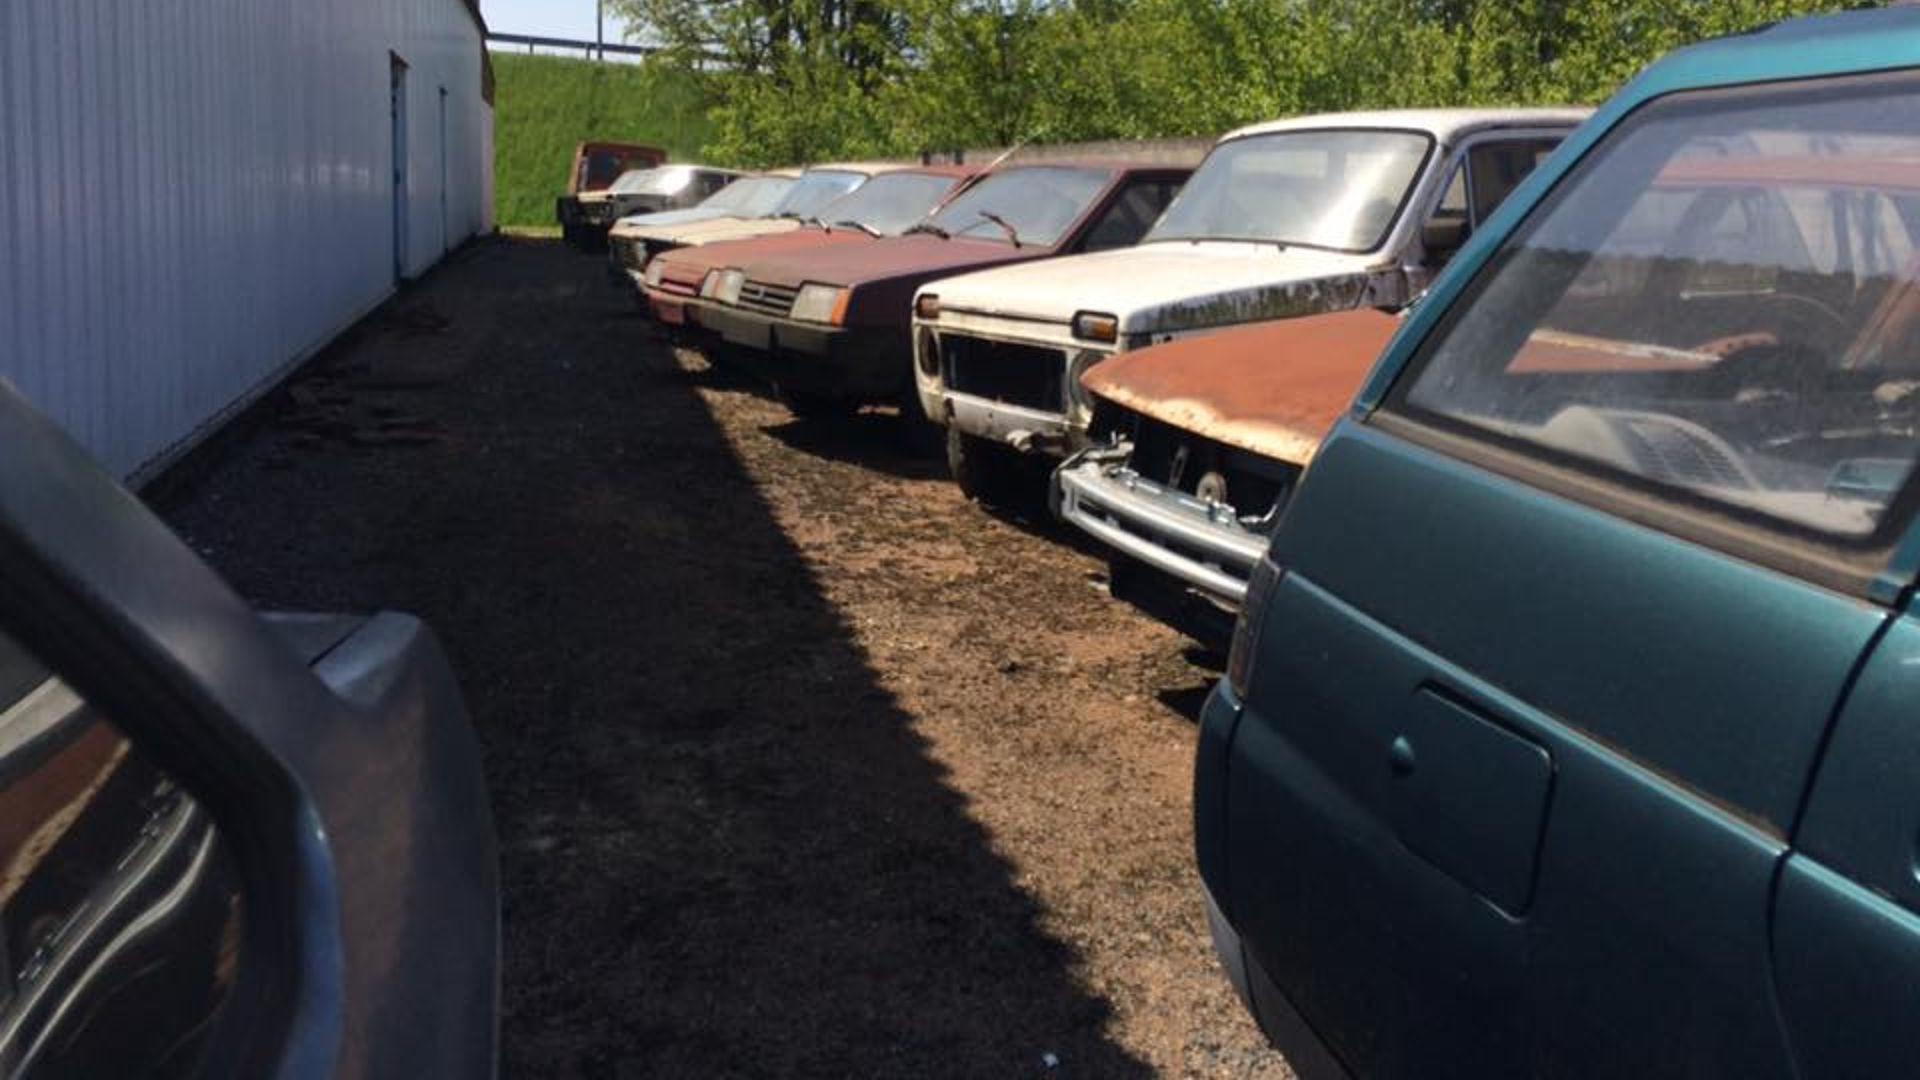 Abandoned_French_Lada_dealership_02